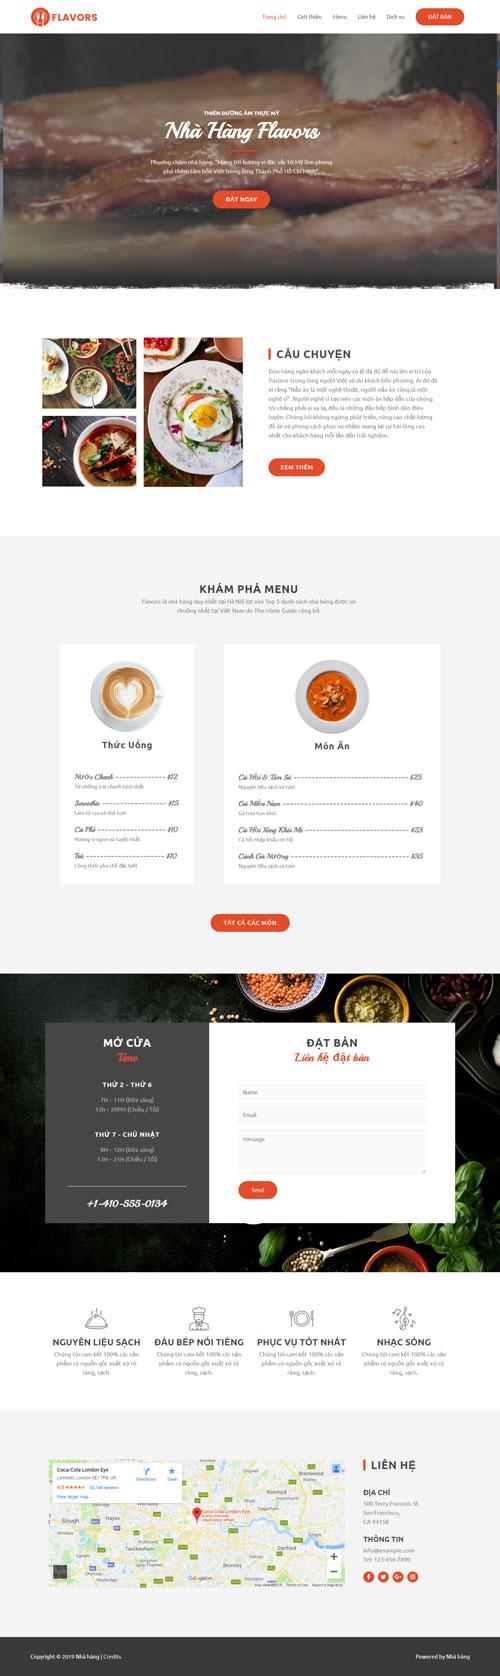 Website giới thiệu nhà hàng 1